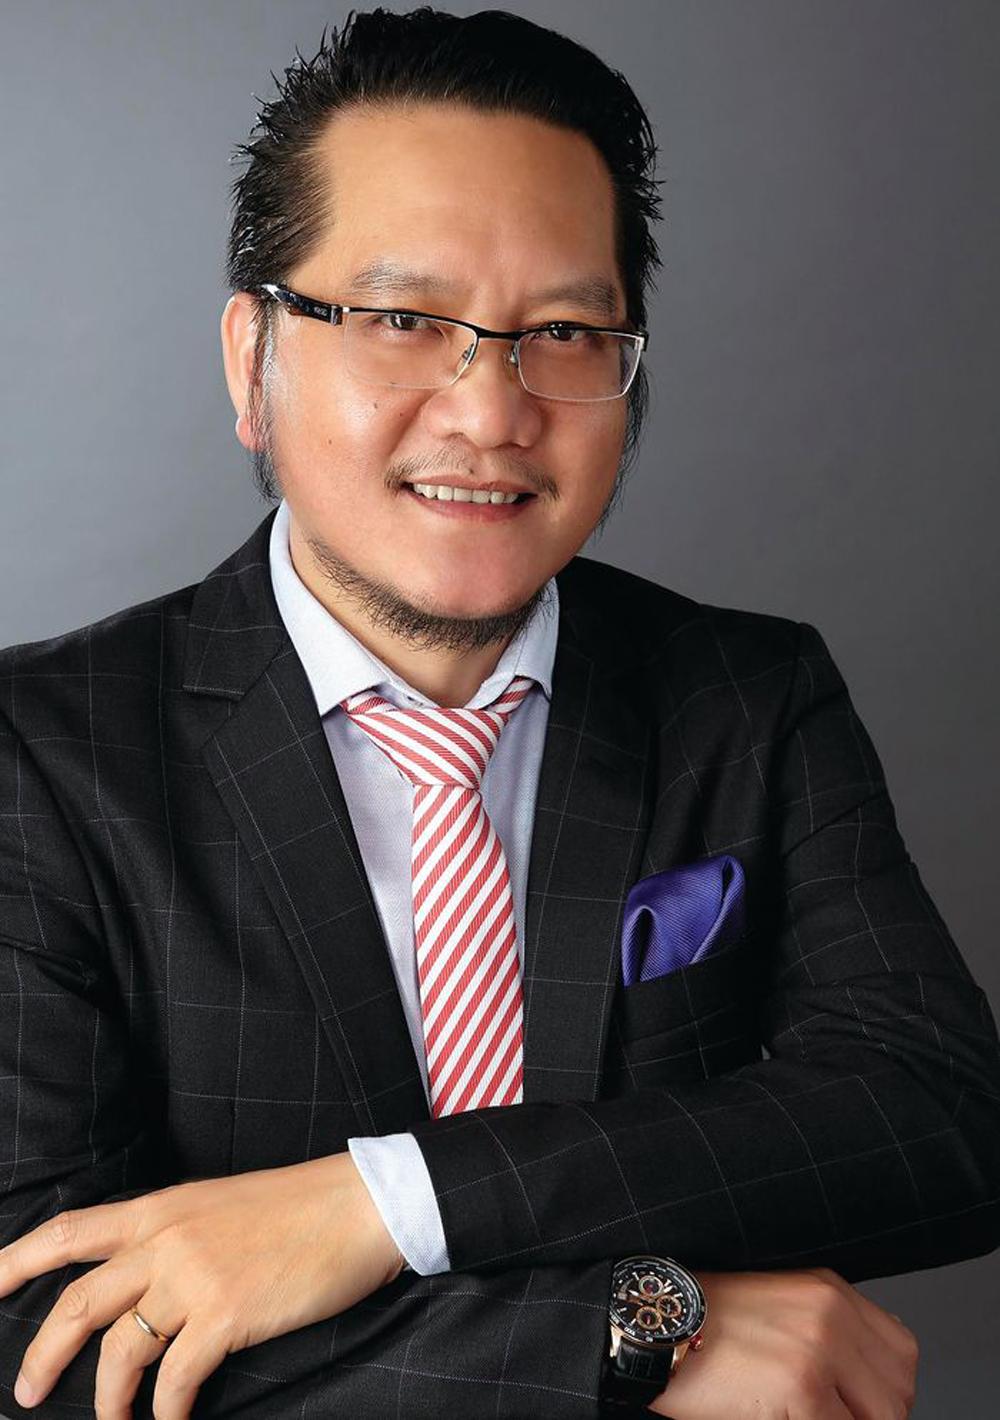 CEO Vinacacao: Muốn vươn ra thế giới, doanh nhân phải xây dựng một chuẩn mực toàn cầu